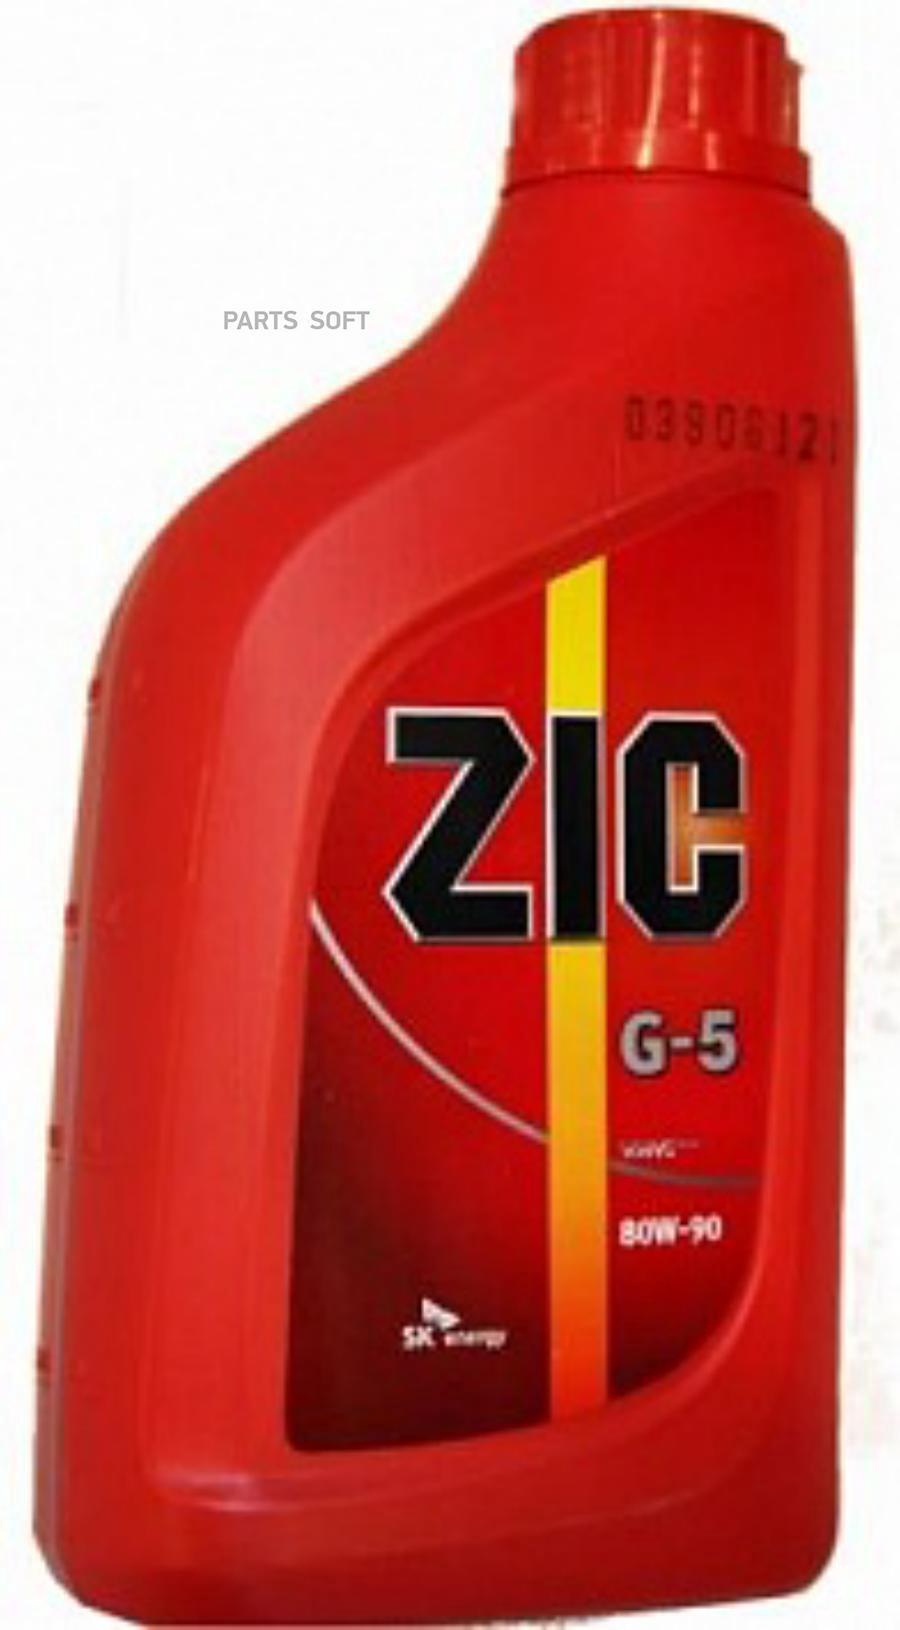 Масло трансмиссионное полусинтетическое G-EP 80W-90, 1л